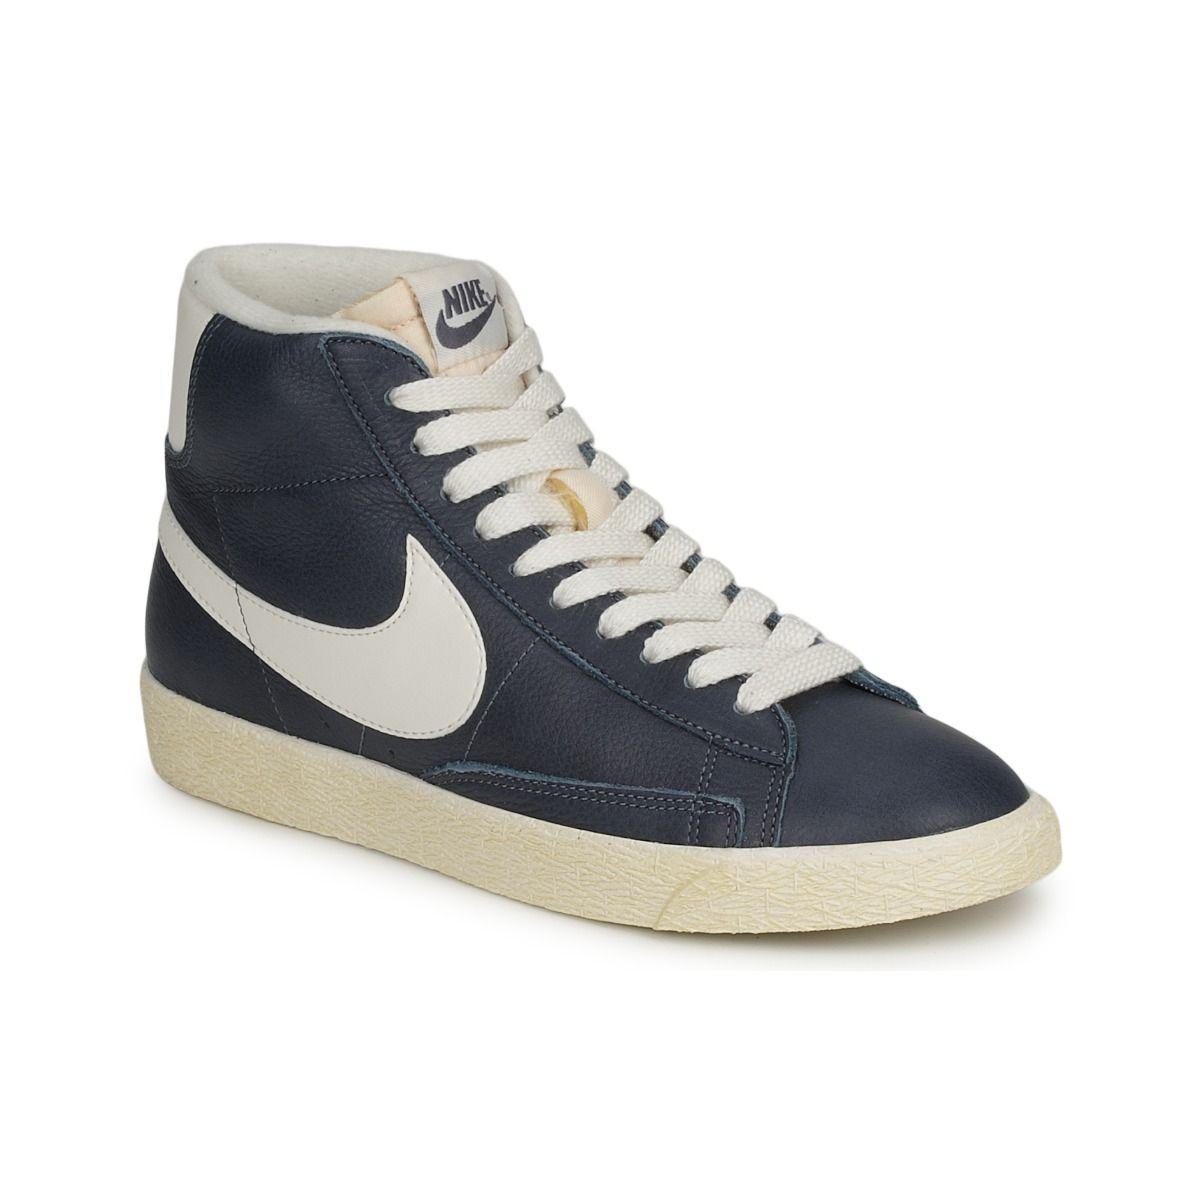 e6564fed35db4 Chaussures Femme Nike BLAZR MID - achat de chaussures en ligne, boutique  chaussure pas cher sur Shoes.fr !